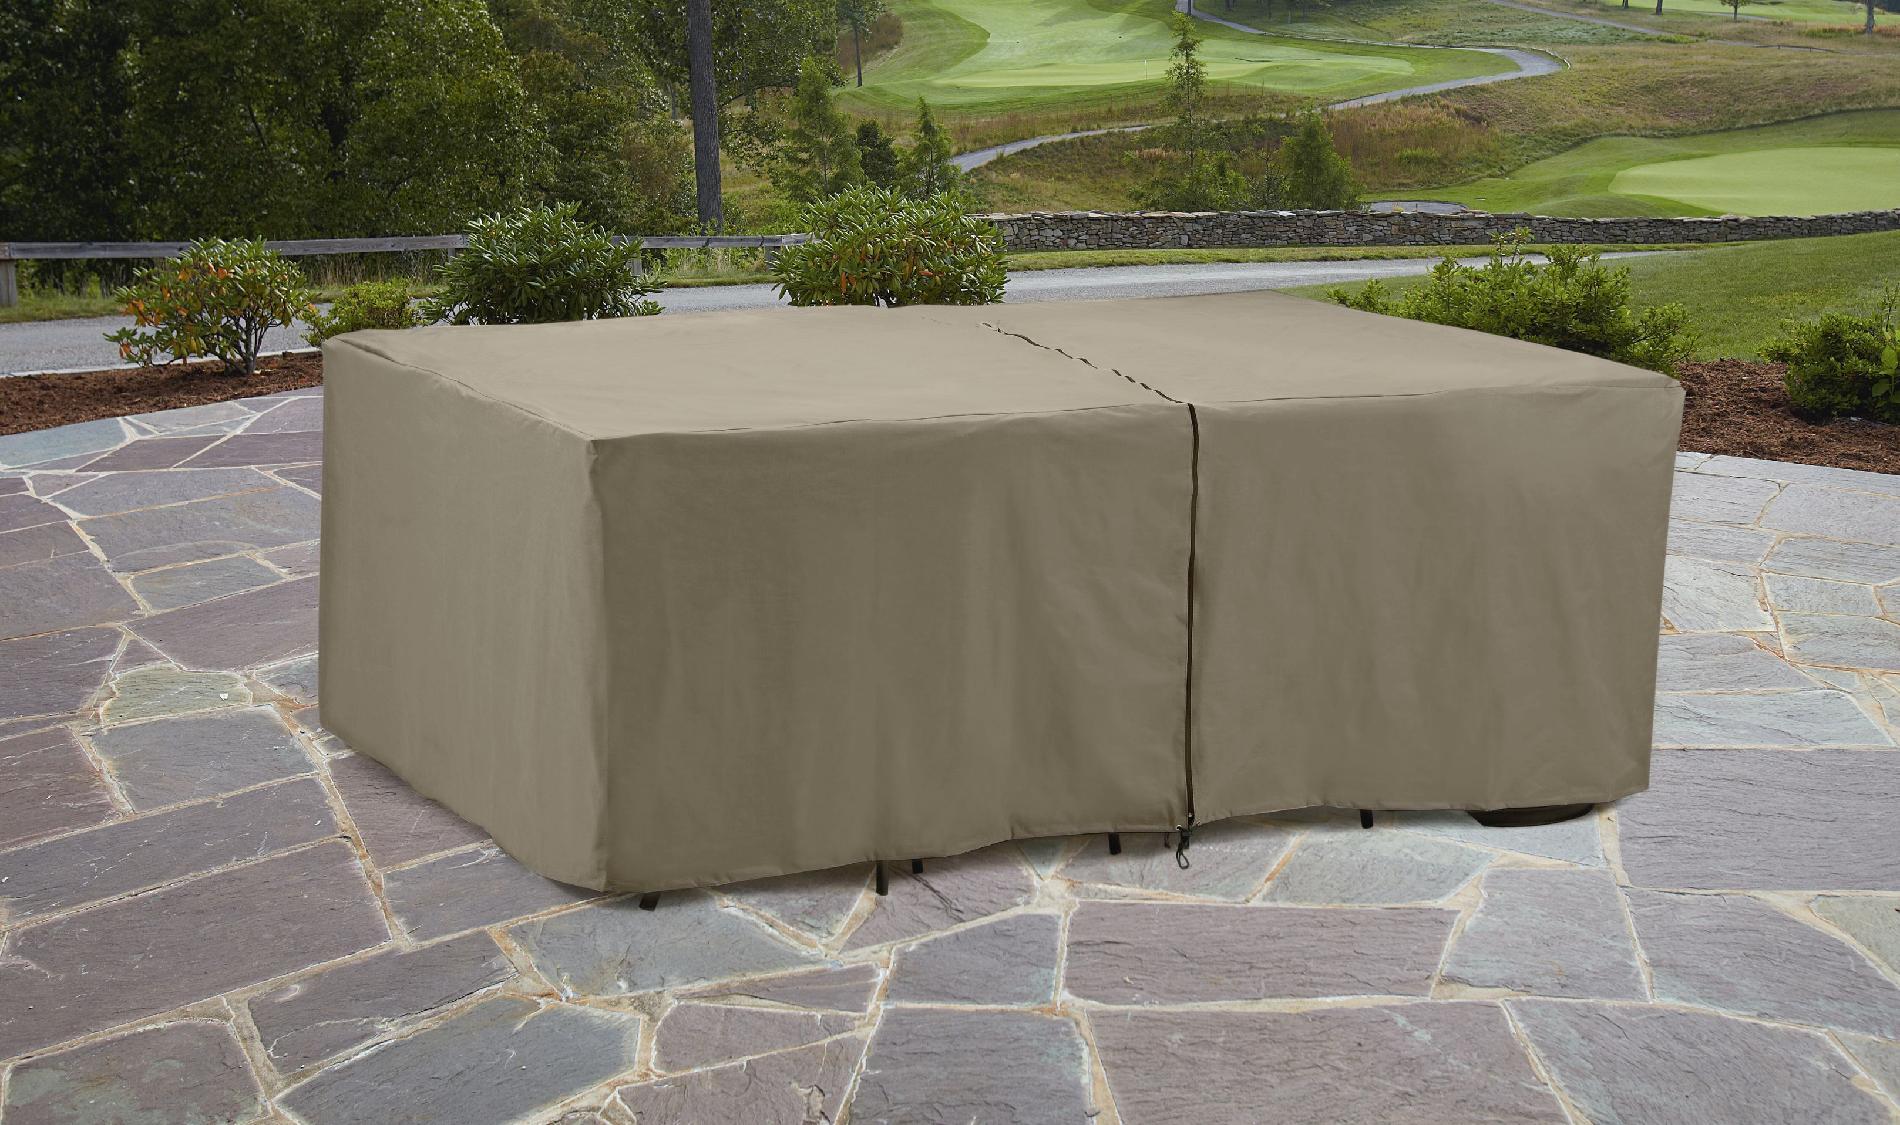 Garden Oasis Rectangle Patio Furniture Set Cover - Outdoor